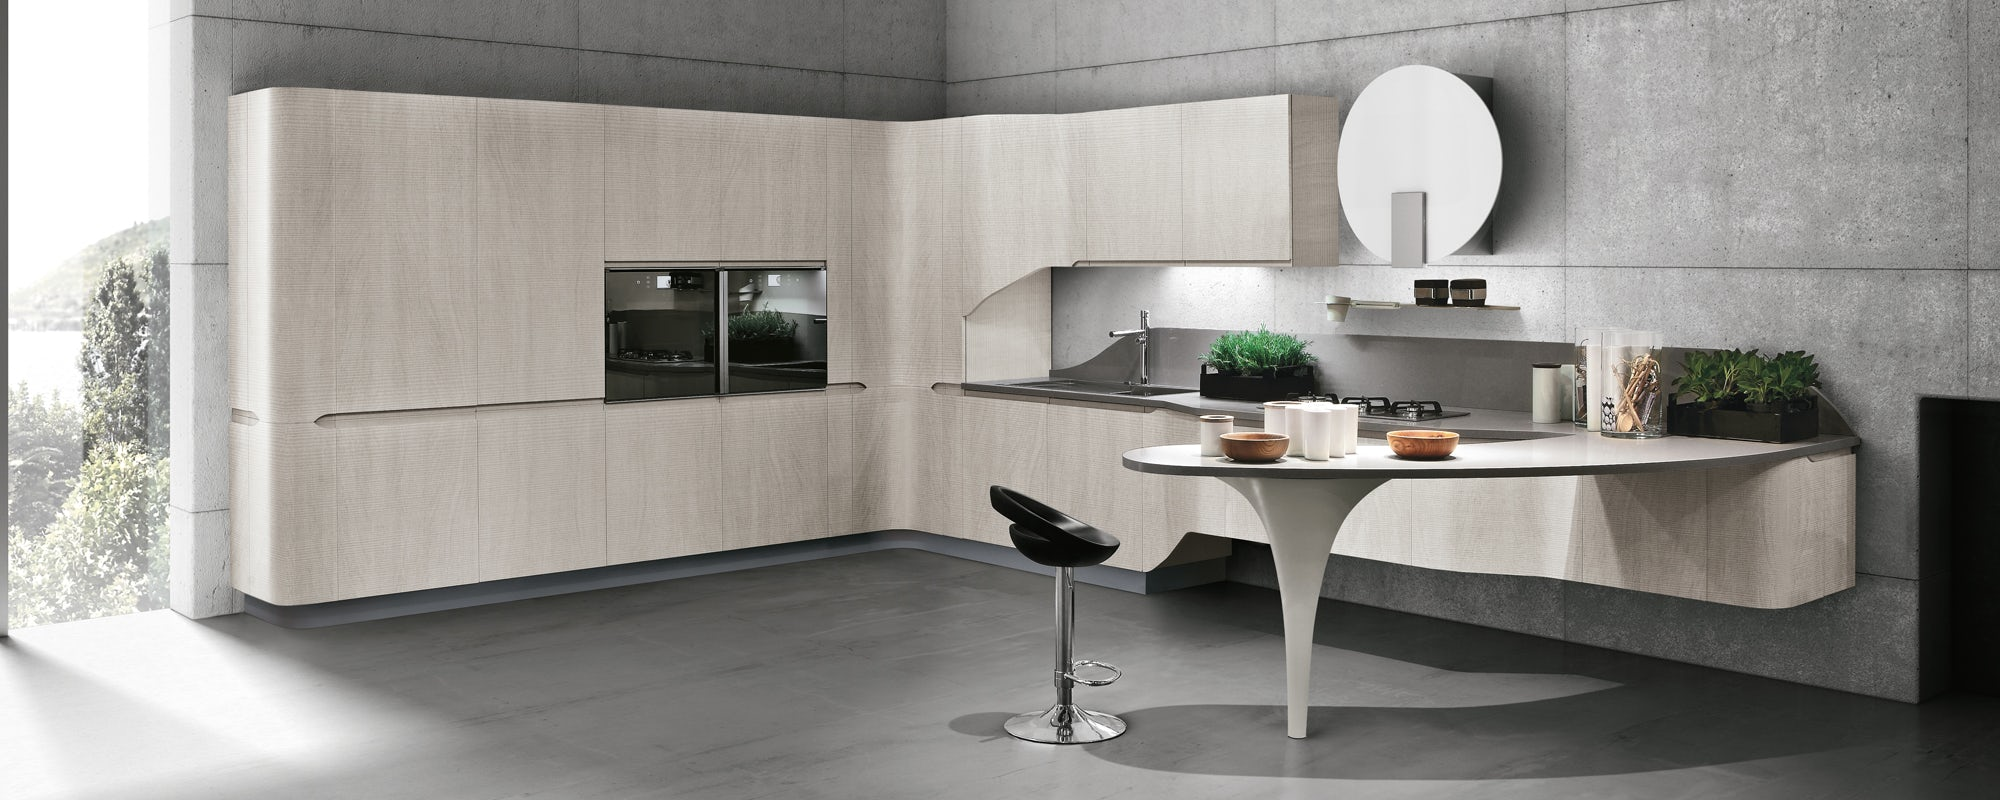 Stosa Cucine Zetadesign Arredamento Brescia Mobili Su Misura